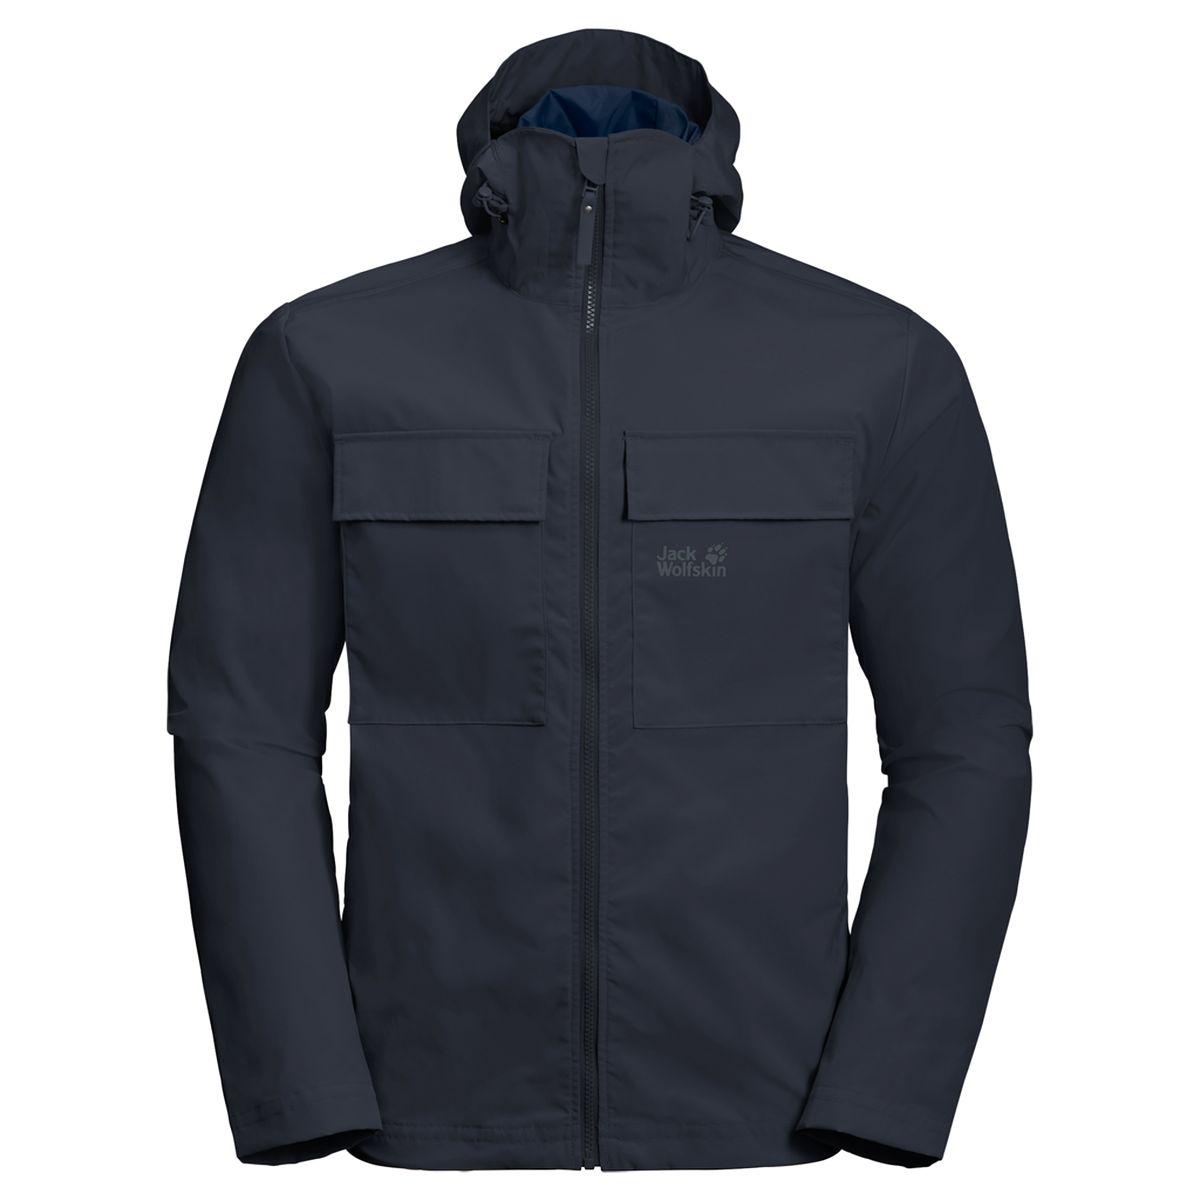 Куртка мужская Jack Wolfskin Summer Storm Jacket M, цвет: темно-синий. 1305951-1010. Размер S (42/44)1305951-1010SUMMER STORM JACKET (САММЕР СТОРМ ДЖЭКЕТ) — это куртка для ветреной погоды, уместная как на туристической тропе, так и в городе. Она выполнена в простом, минималистичном стиле и очень комфортна в ношении. Куртка сшита из STORMLOCK COTTON TOUCH (ШТОРМЛОК КОТТОН ТАЧ), ветронепроницаемой и дышащей смесовой ткани. Ее текстура, напоминающая хлопок, дарит коже непревзойденный комфорт. А еще куртка легко справится с небольшим дождем. Просто натяните капюшон и продолжайте путь!